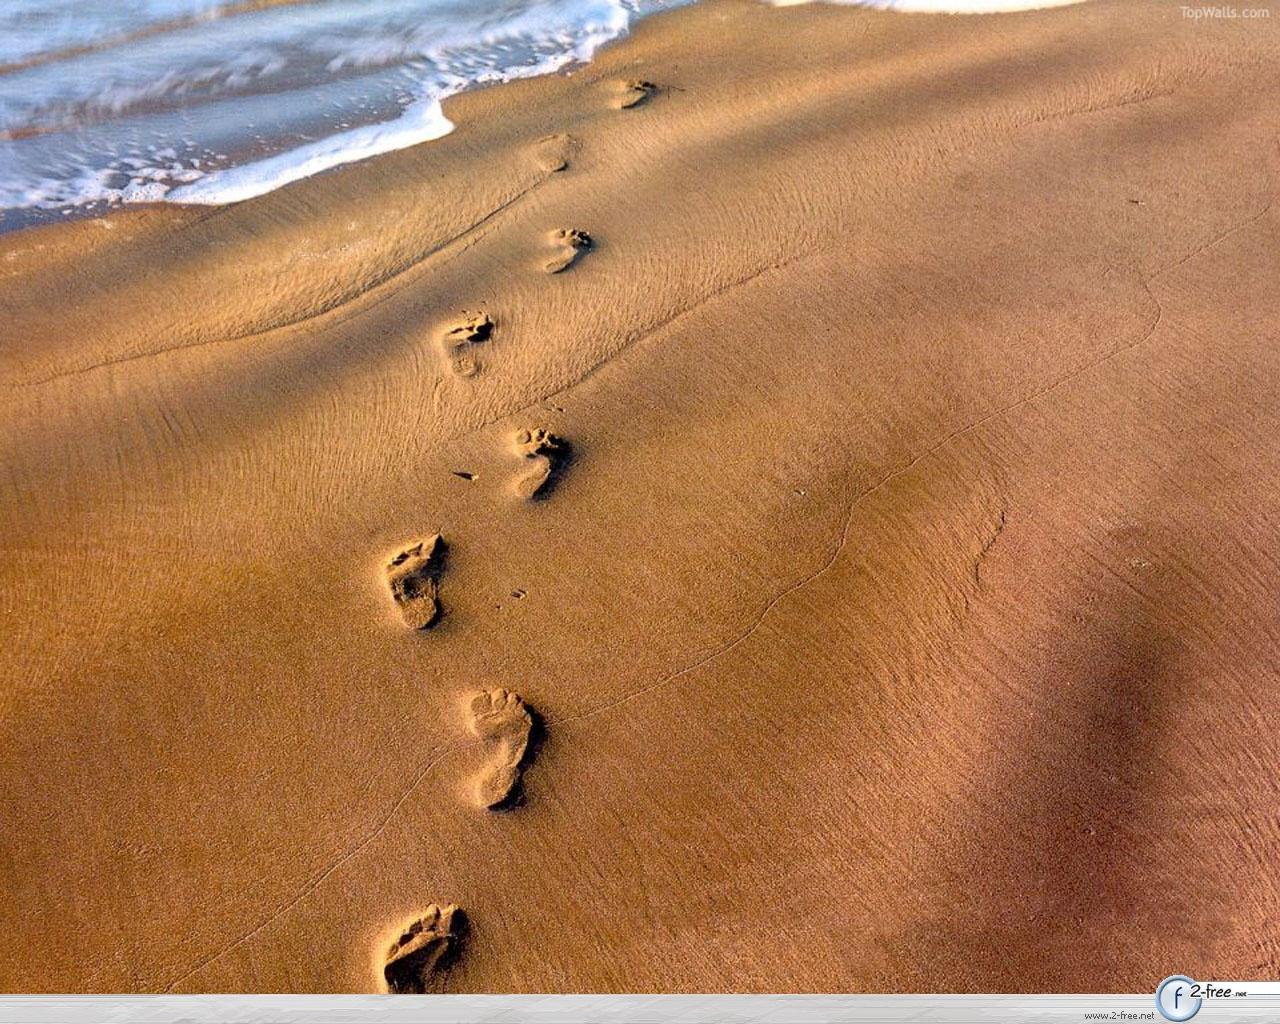 http://2.bp.blogspot.com/-kz6YsRu0QYU/Ta9gjov13pI/AAAAAAAAAaA/DOOsV3EiB64/s1600/footprints-in-sand1.jpg